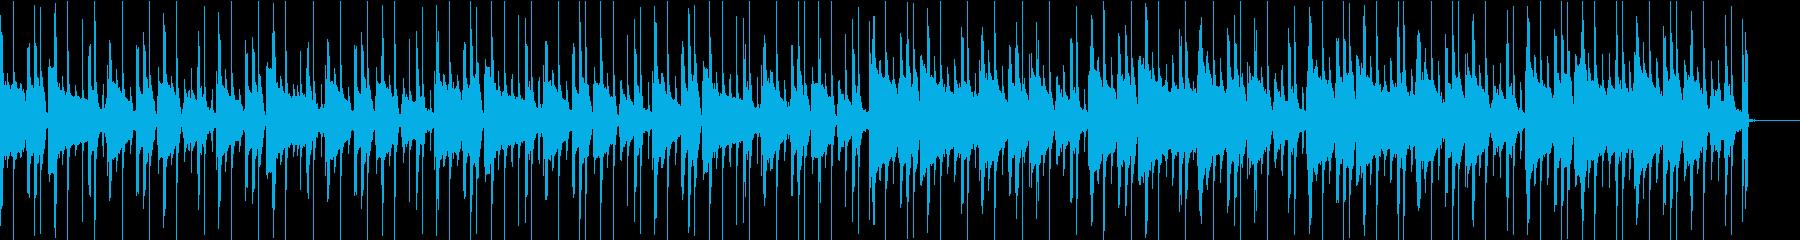 おだやかなギターが目立つダウンテンポの再生済みの波形